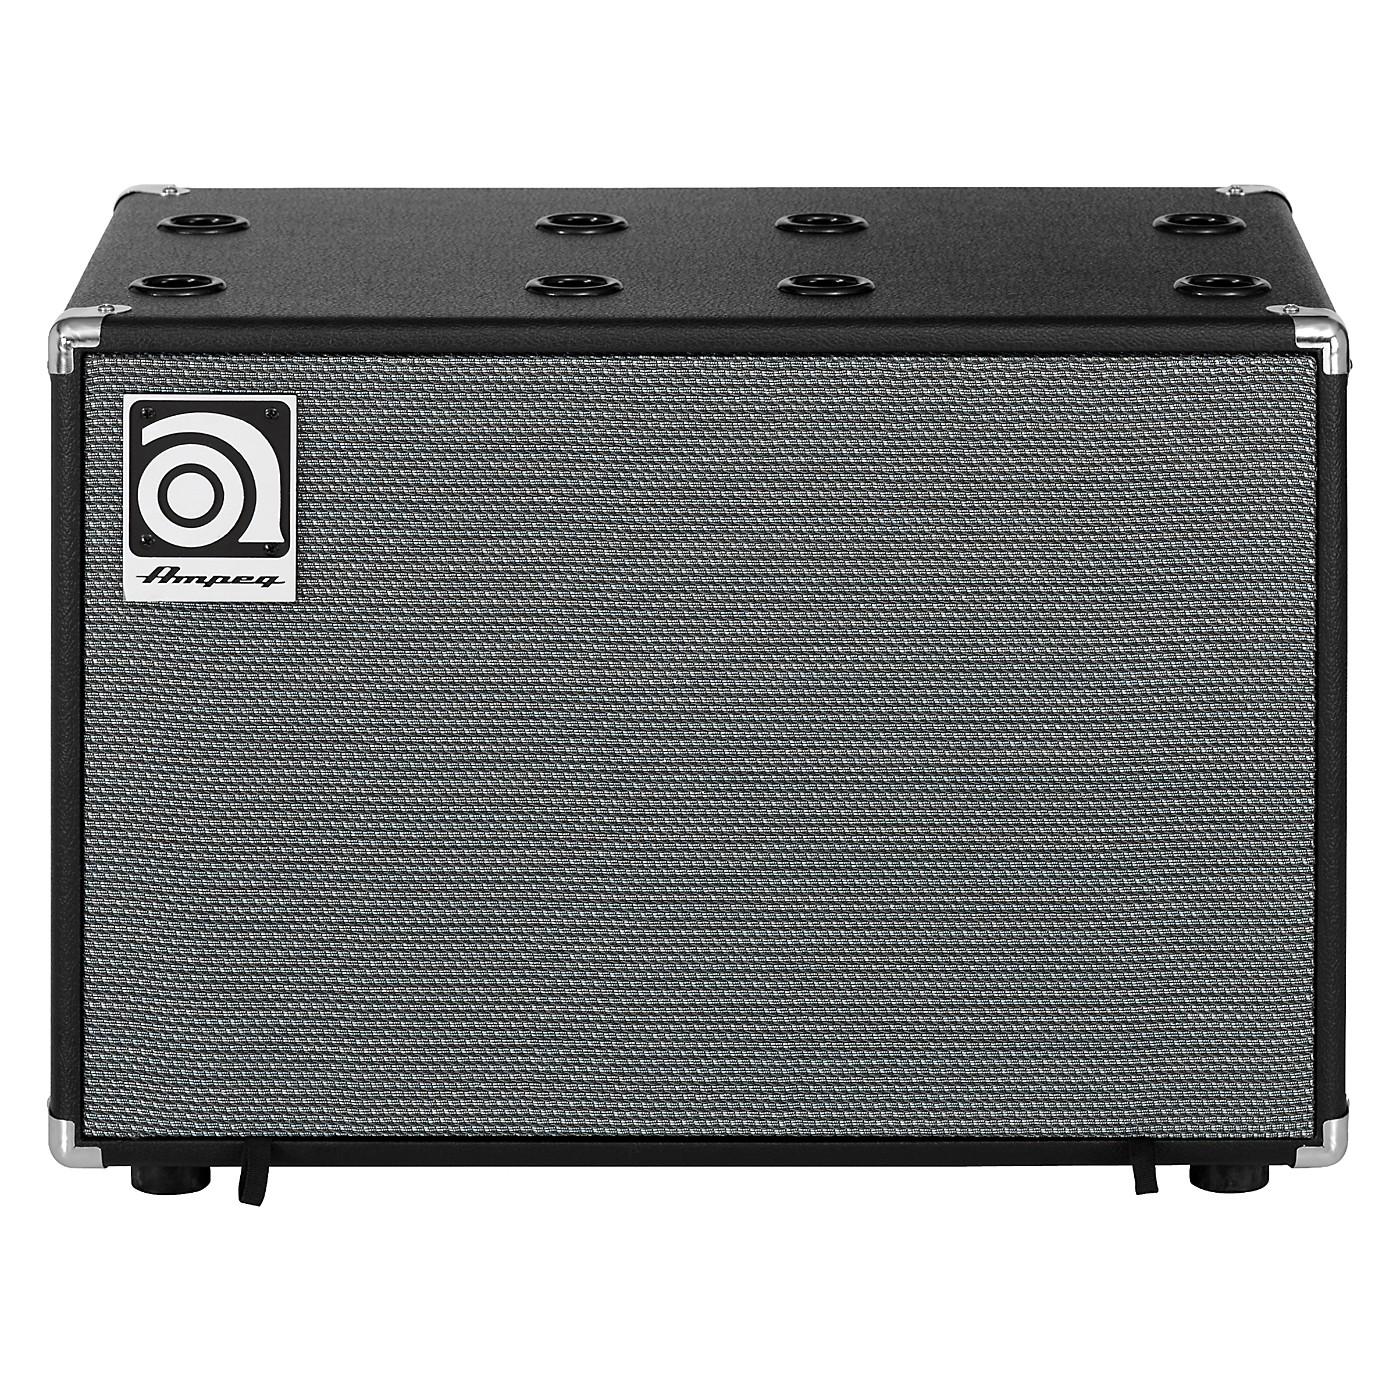 Ampeg SVT-112AV 300W 1x12 Bass Speaker Cabinet thumbnail